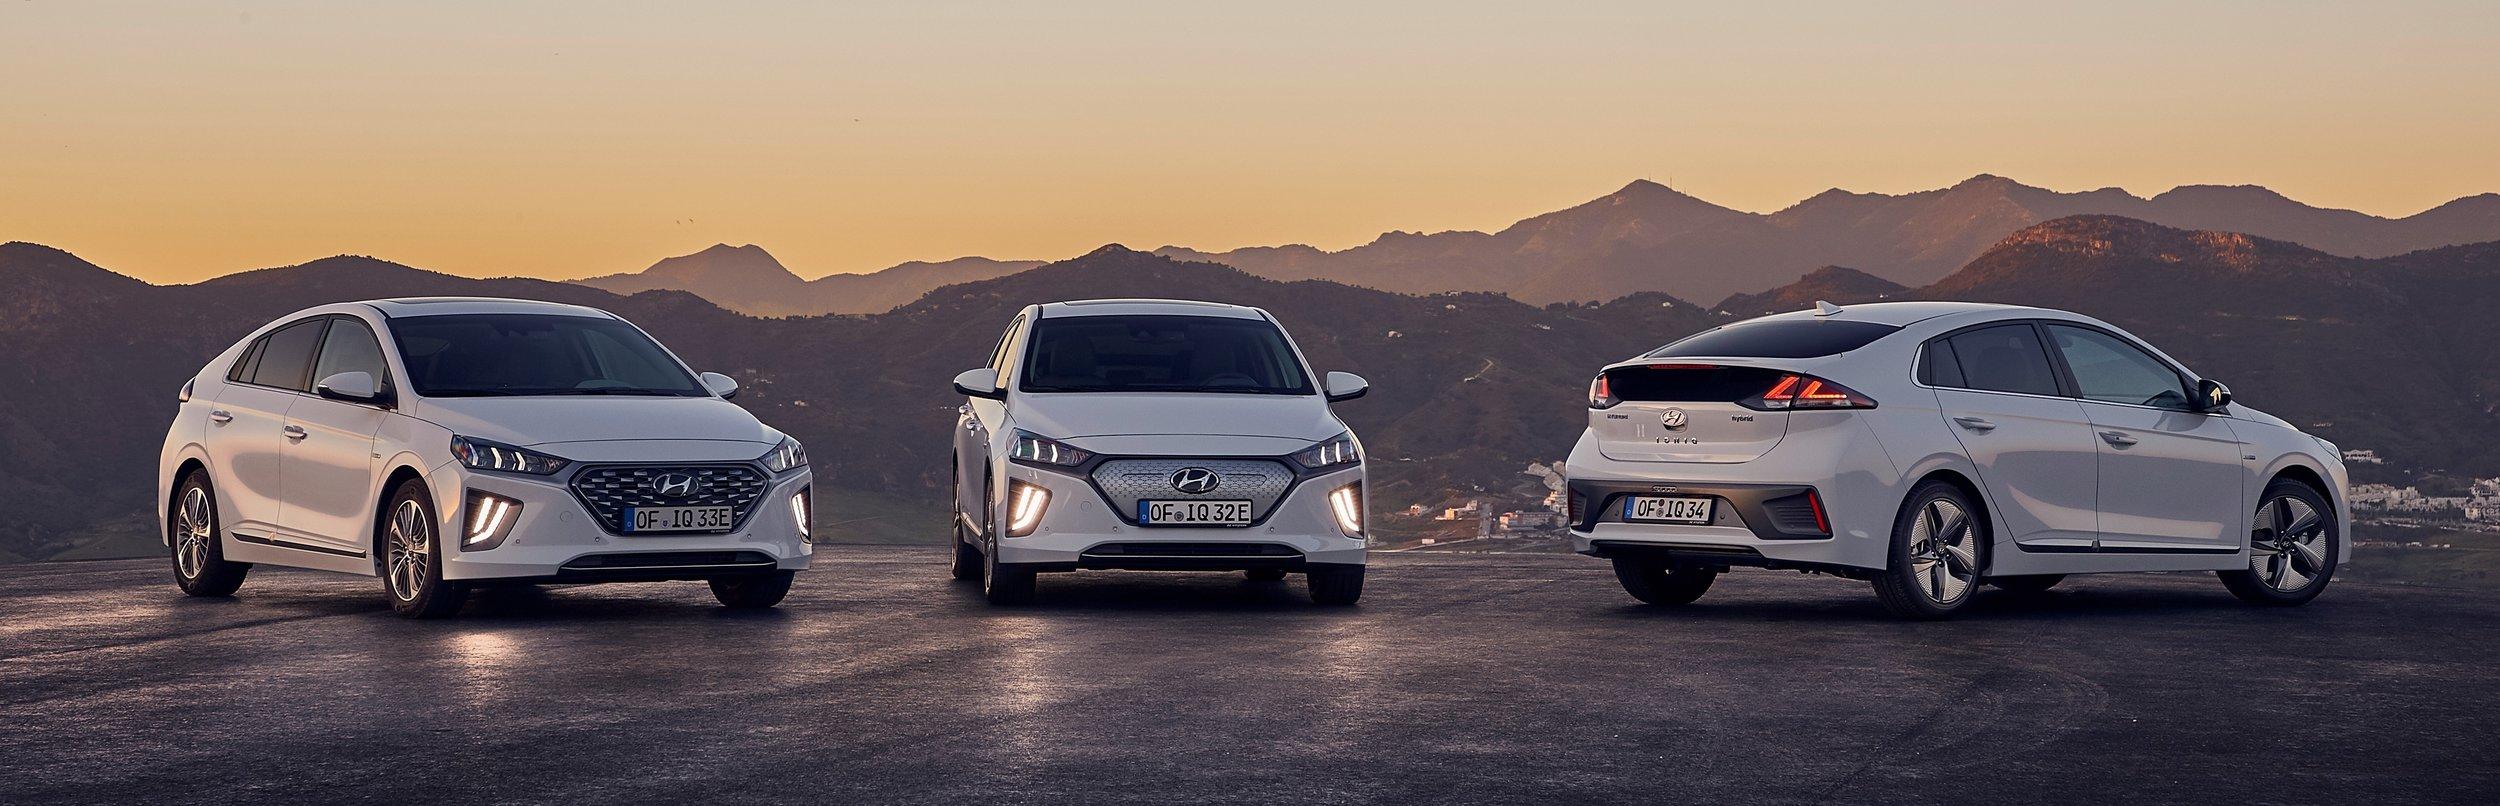 Hyundai Ioniq range 2020